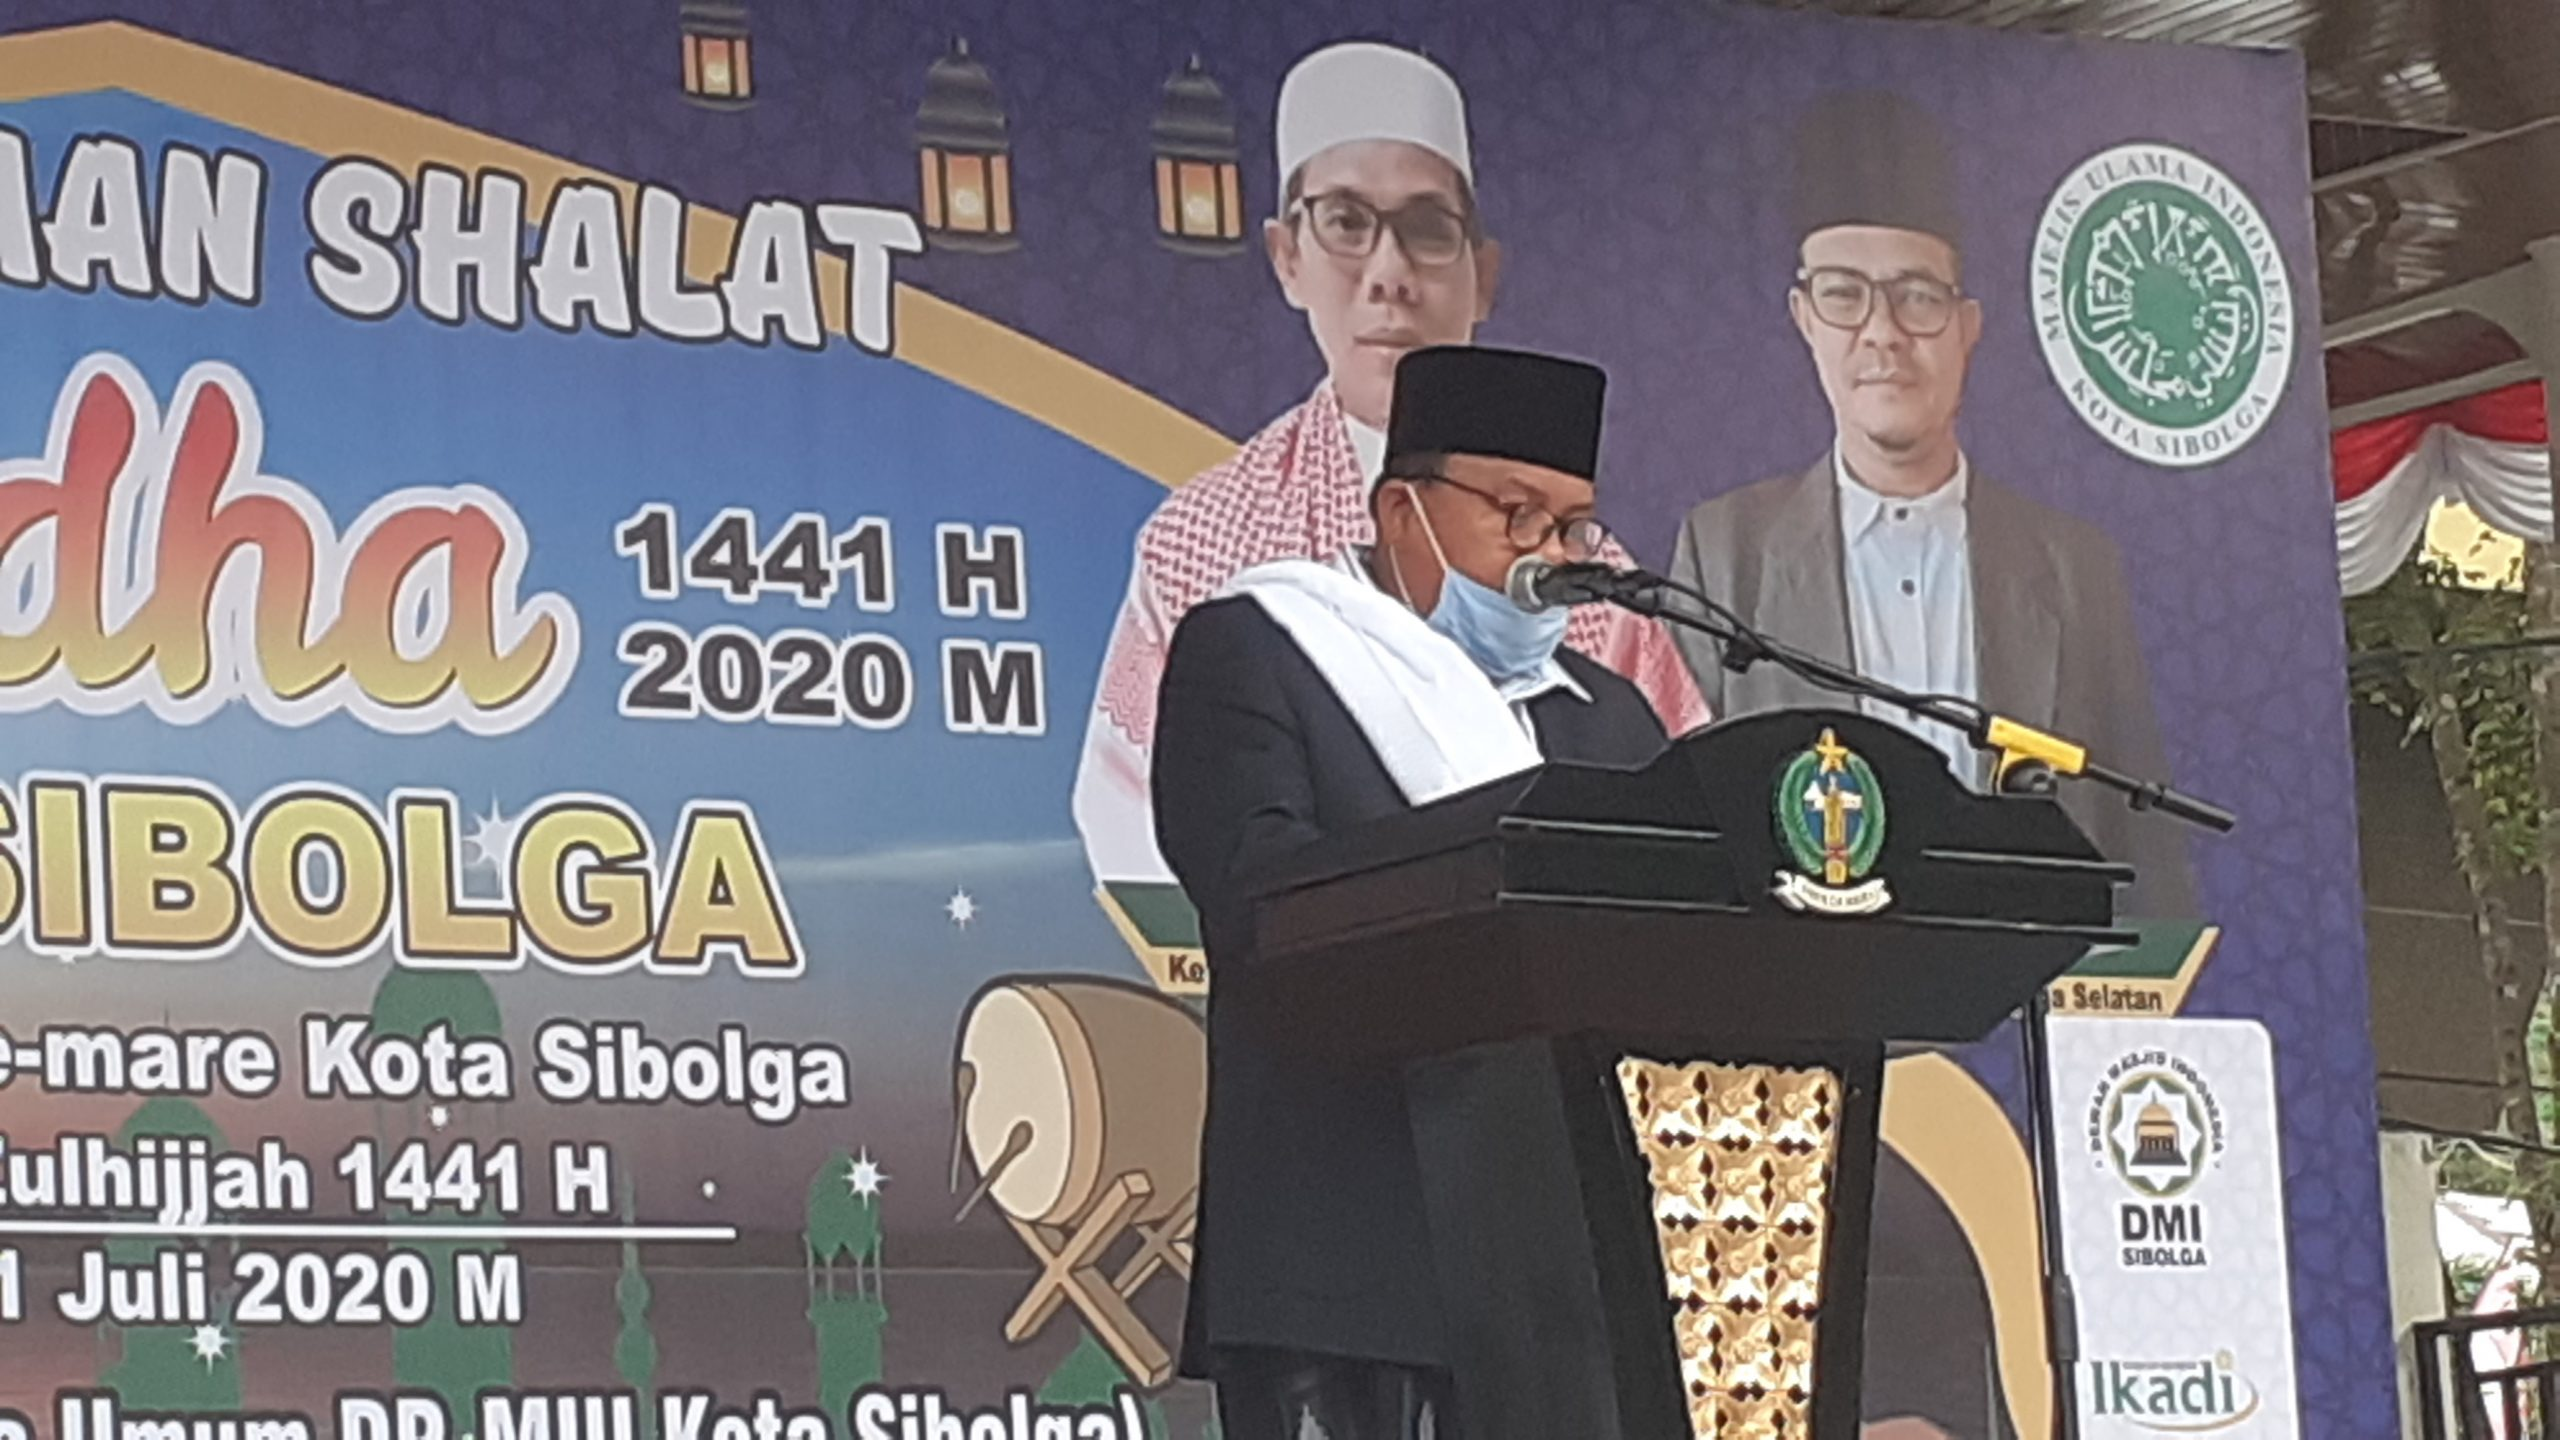 Wali Kota Sibolga HM Syarfi Hutauruk saat menyampaikan sambutan sebelum melakukan Sholat Idul Adha di Lapangan Simaremare Sibolga. Foto: istimewa